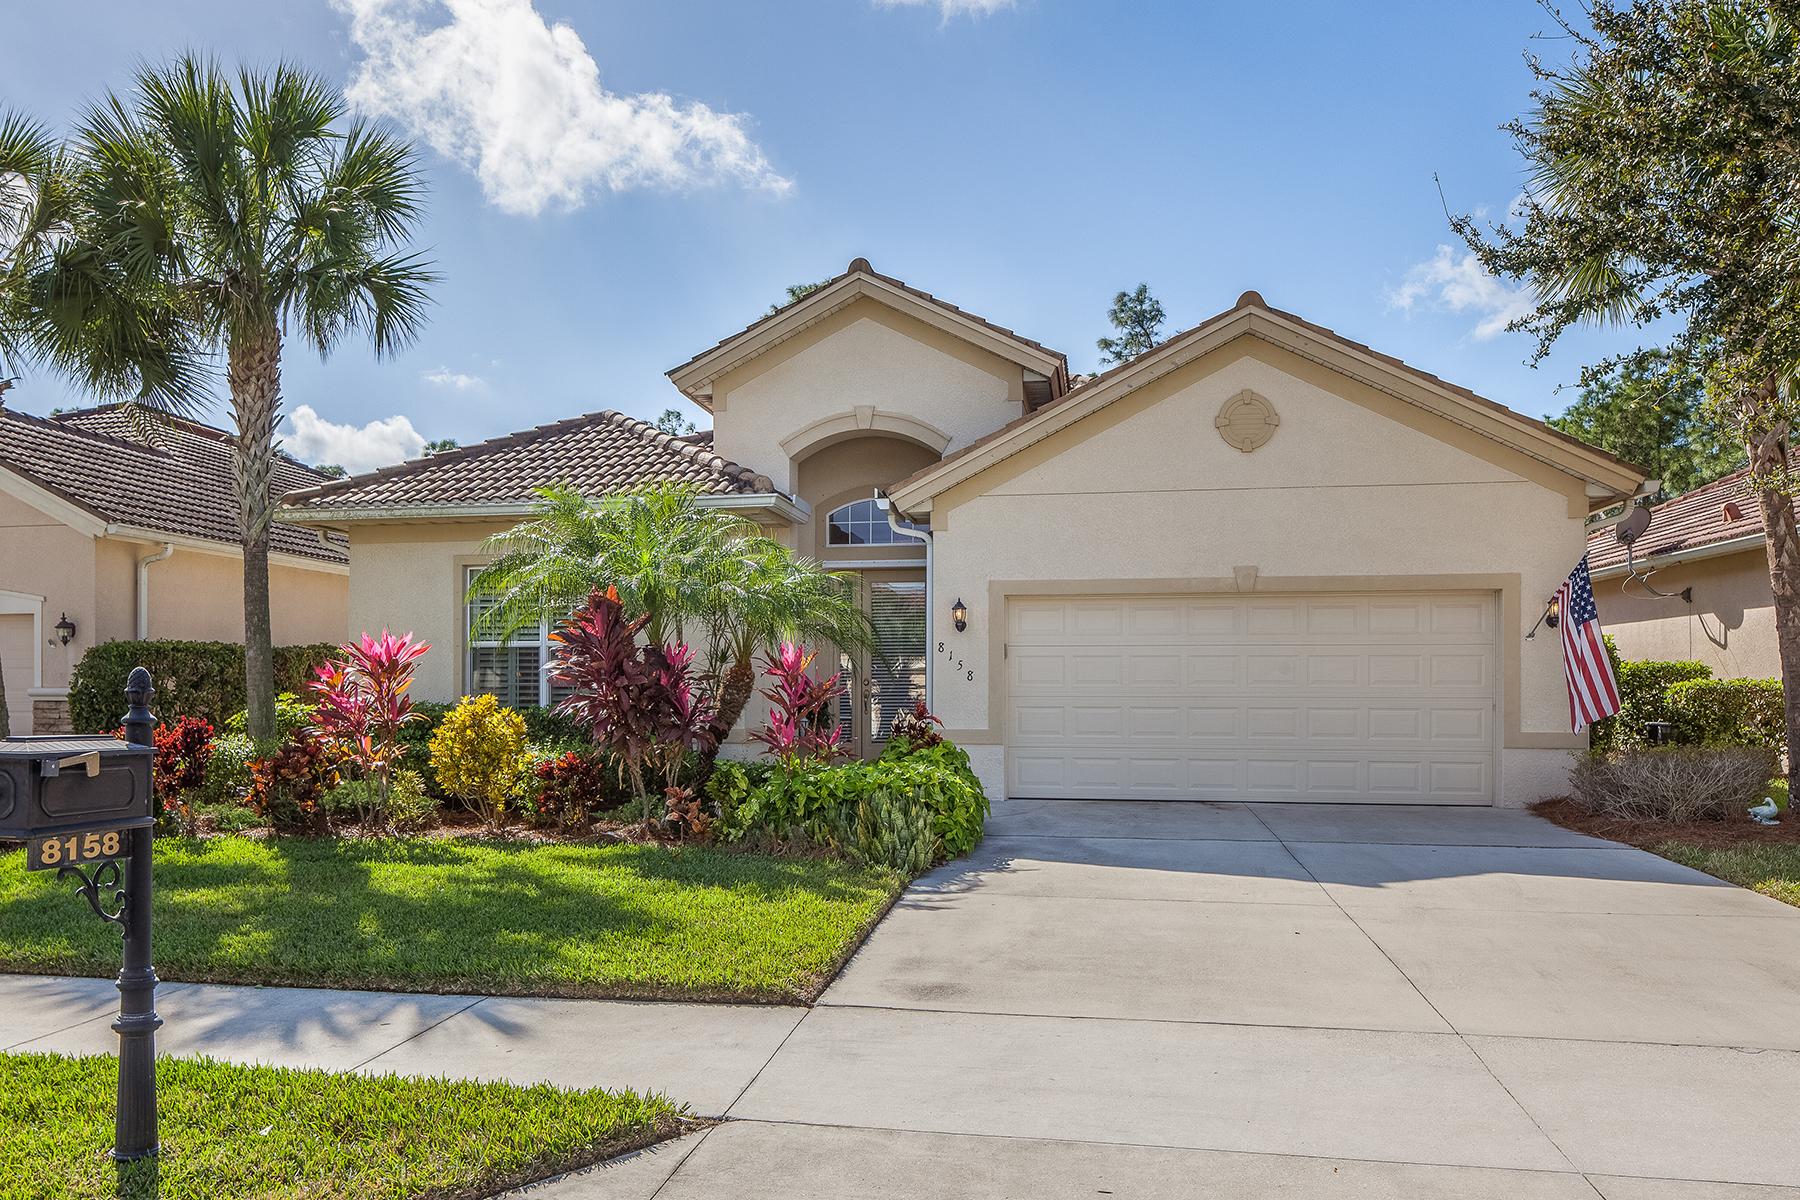 Casa Unifamiliar por un Venta en MADISON PARK 8158 Valiant Dr Naples, Florida, 34104 Estados Unidos